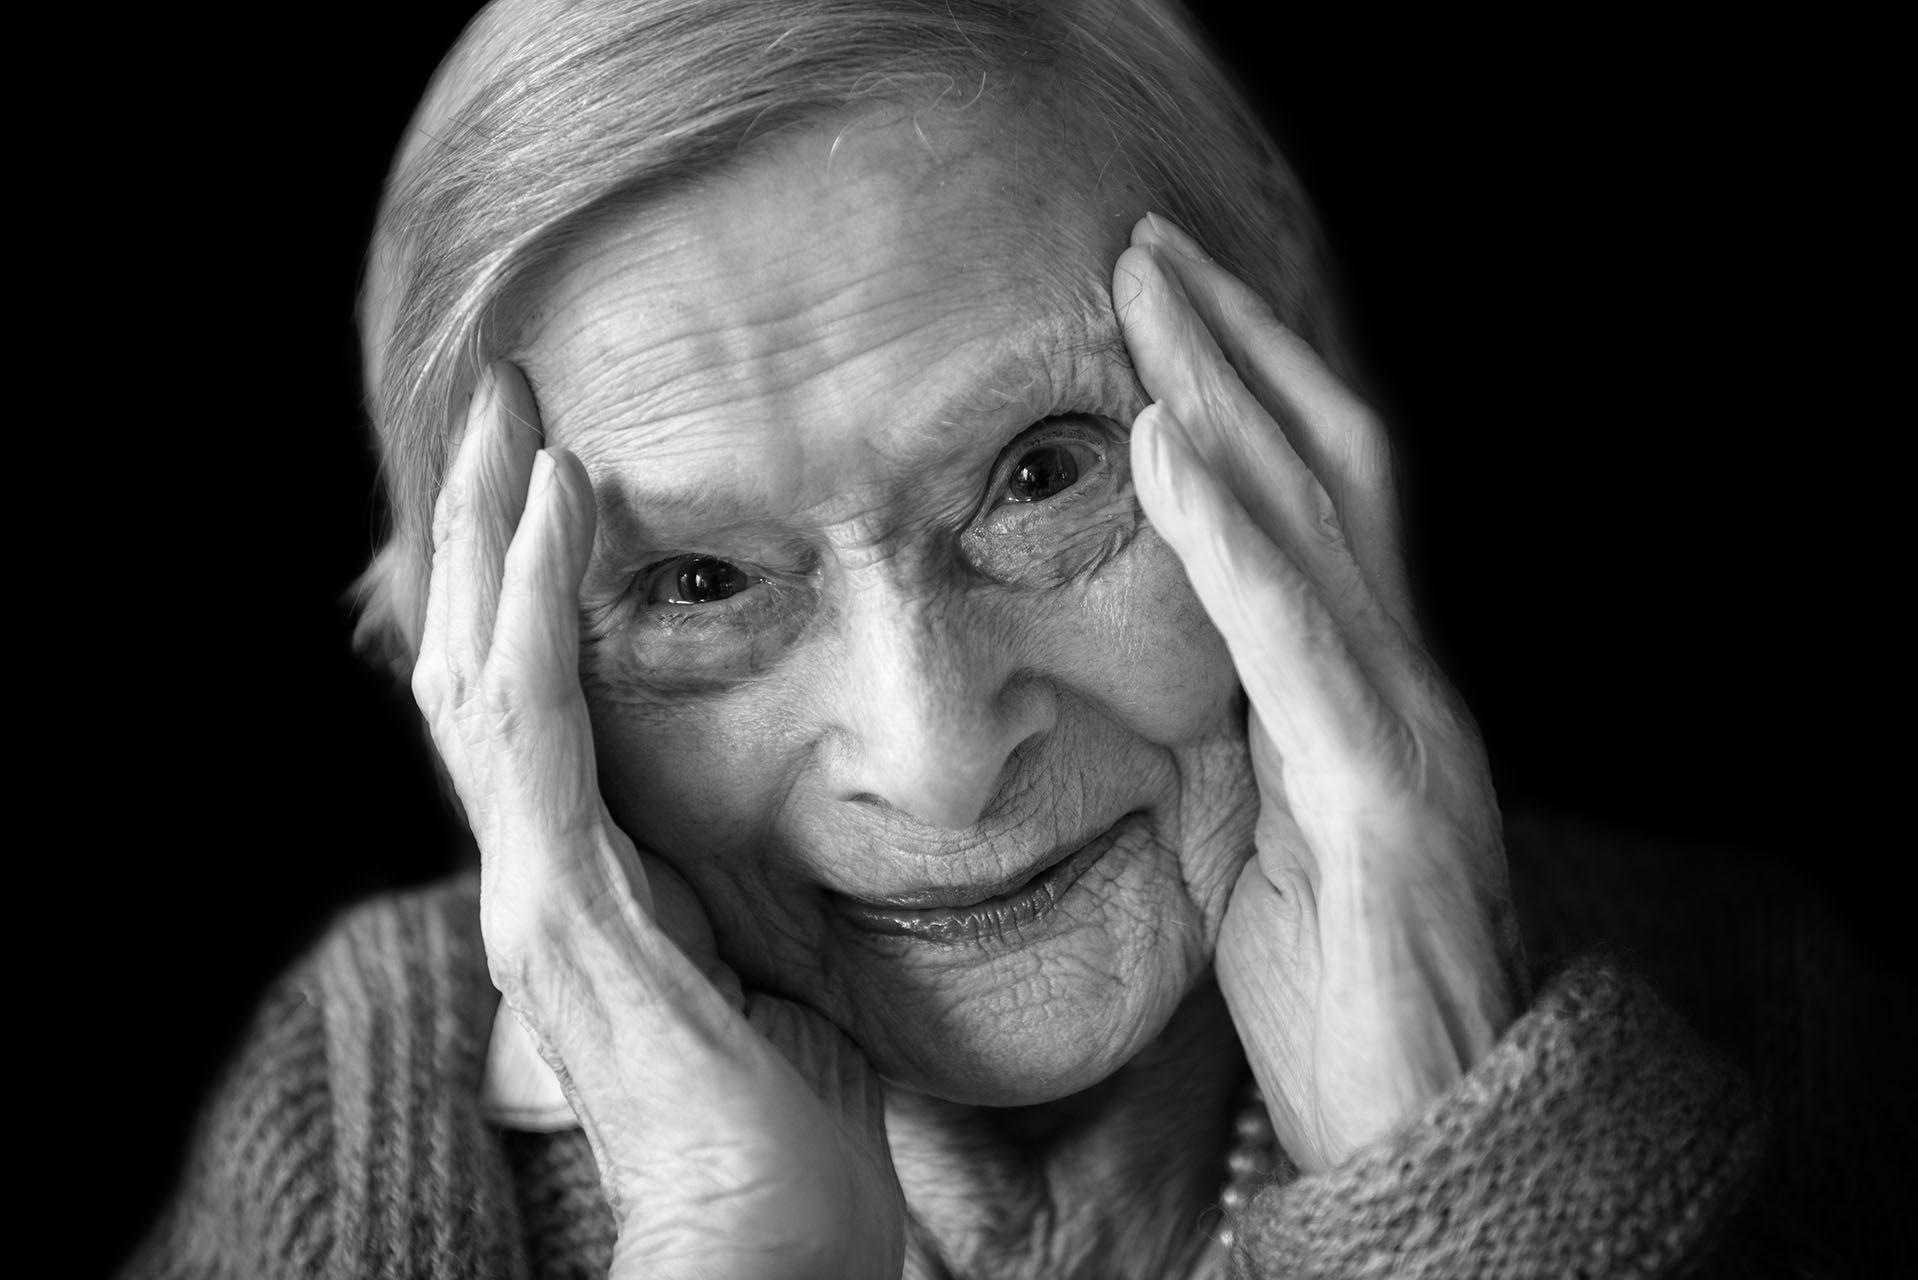 photographe-portraits-ile-de-france-projet-centenaires-l-hay-les-roses-val-de-marne